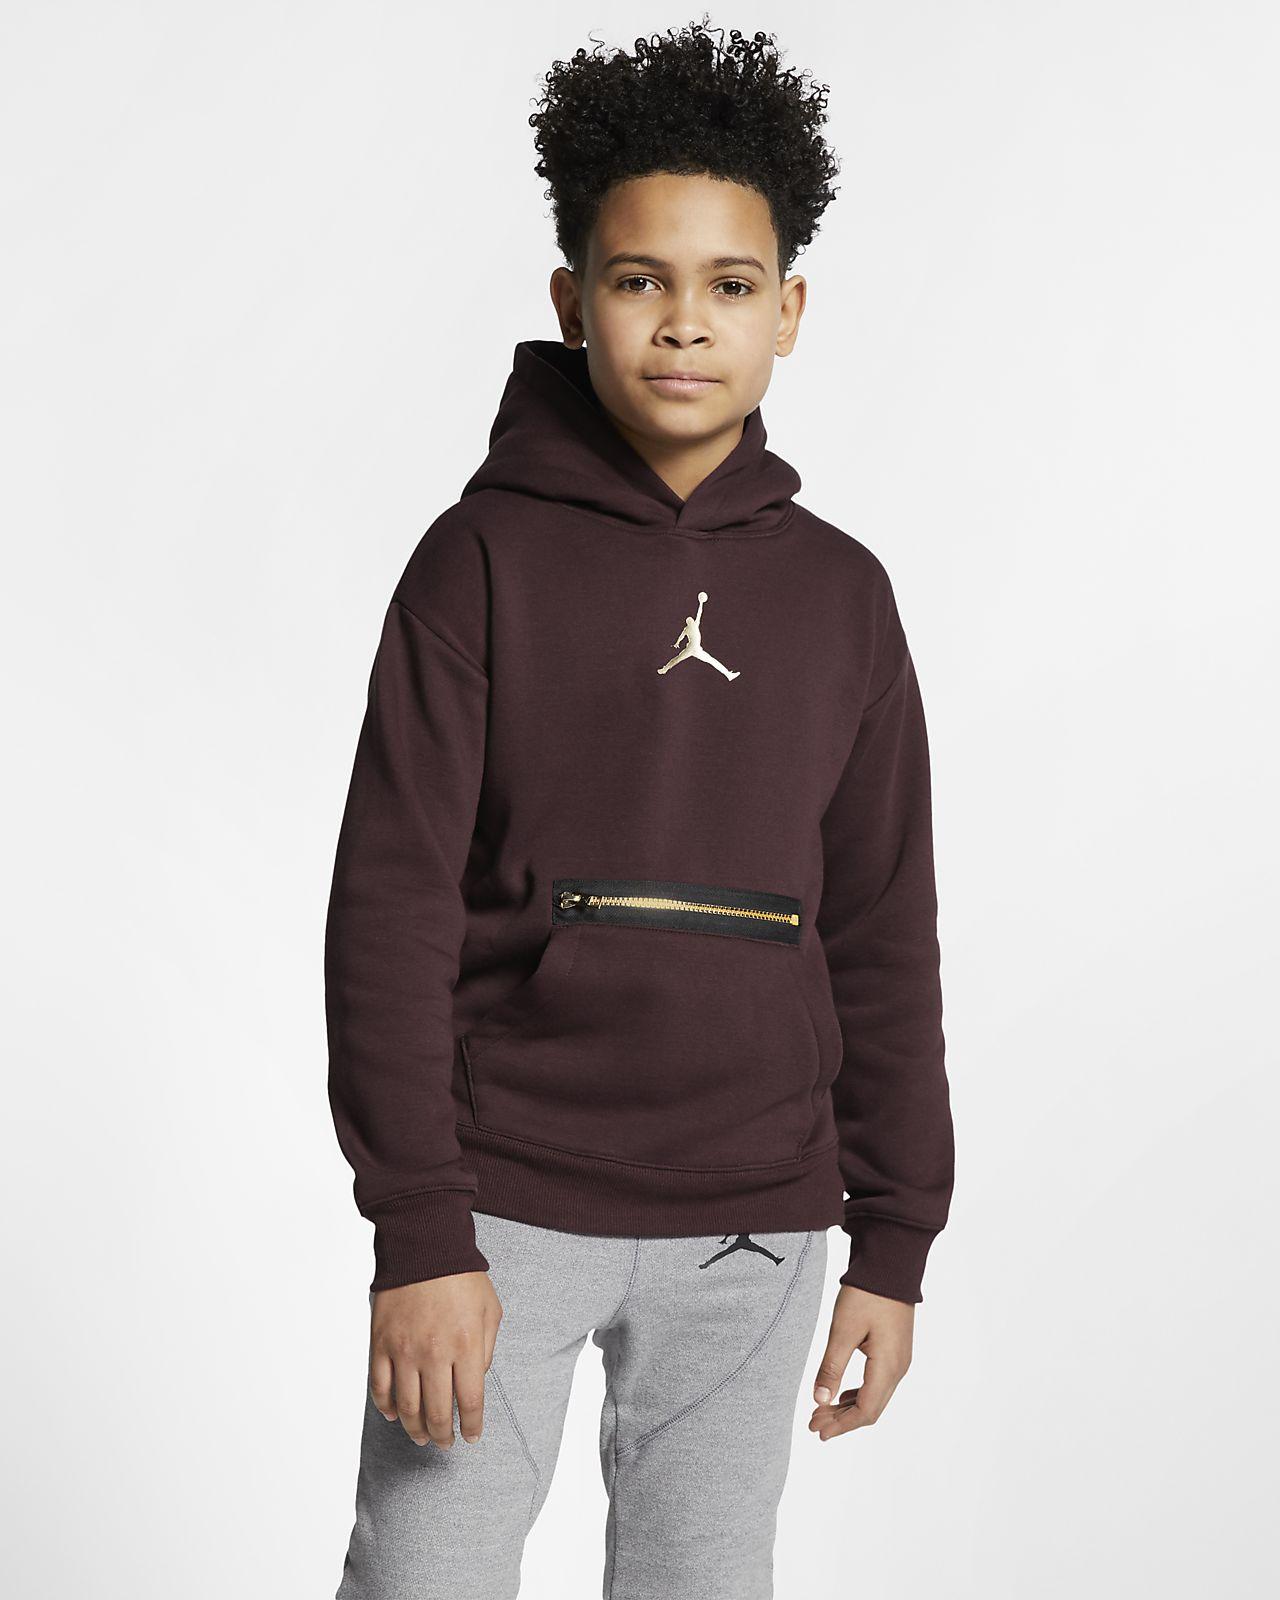 Huvtröja Jordan för ungdom